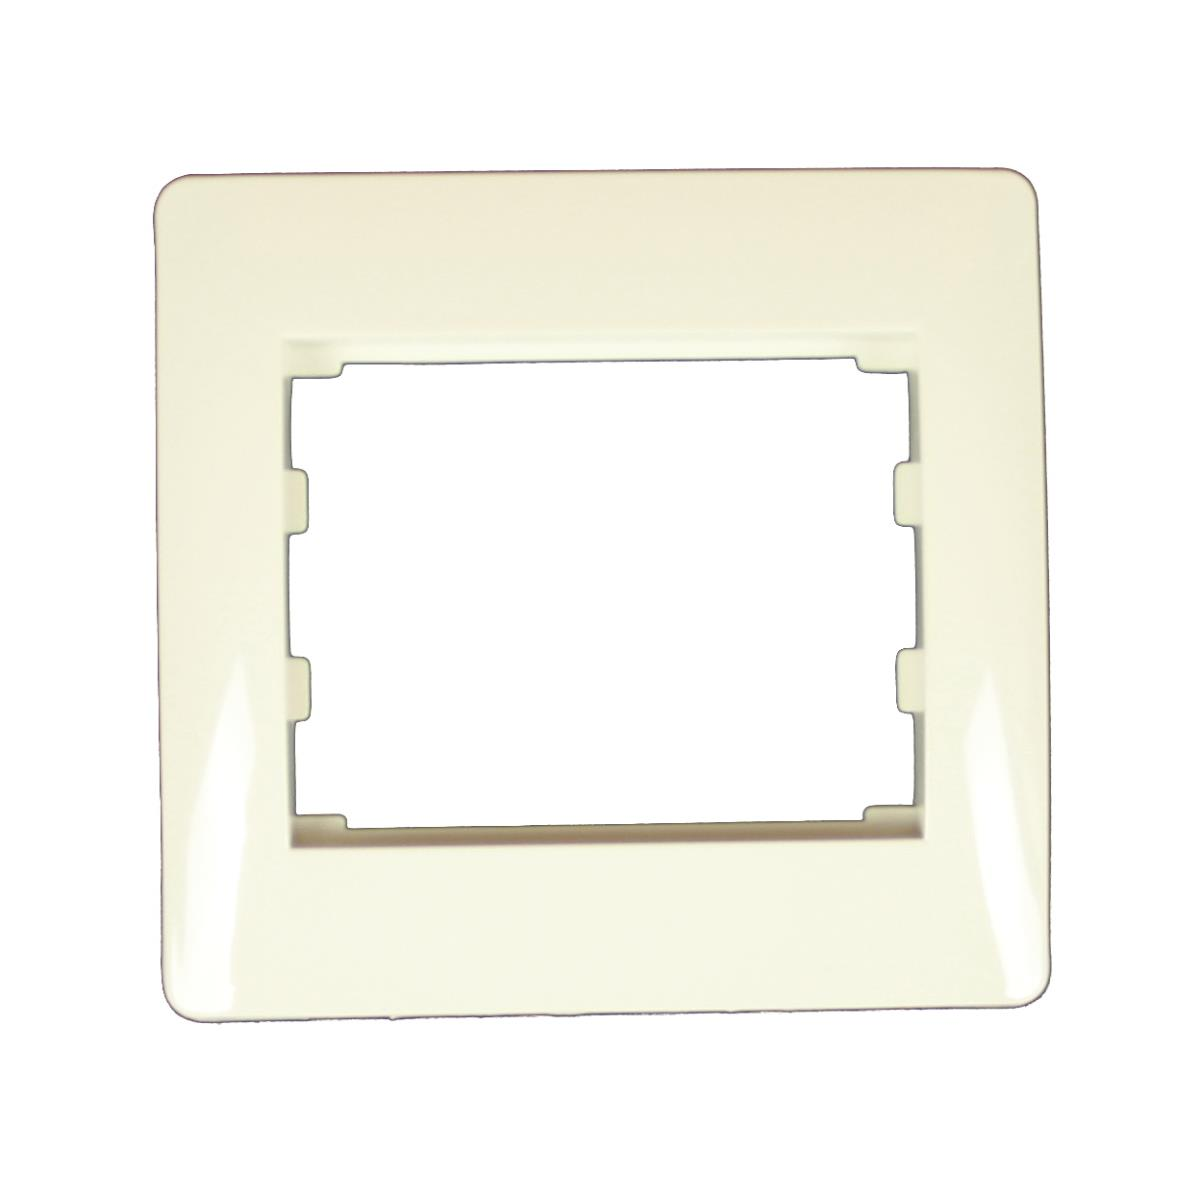 Einfach Rahmen Steckdose Schalter Lichtschalter creme weiß Serie TAILI